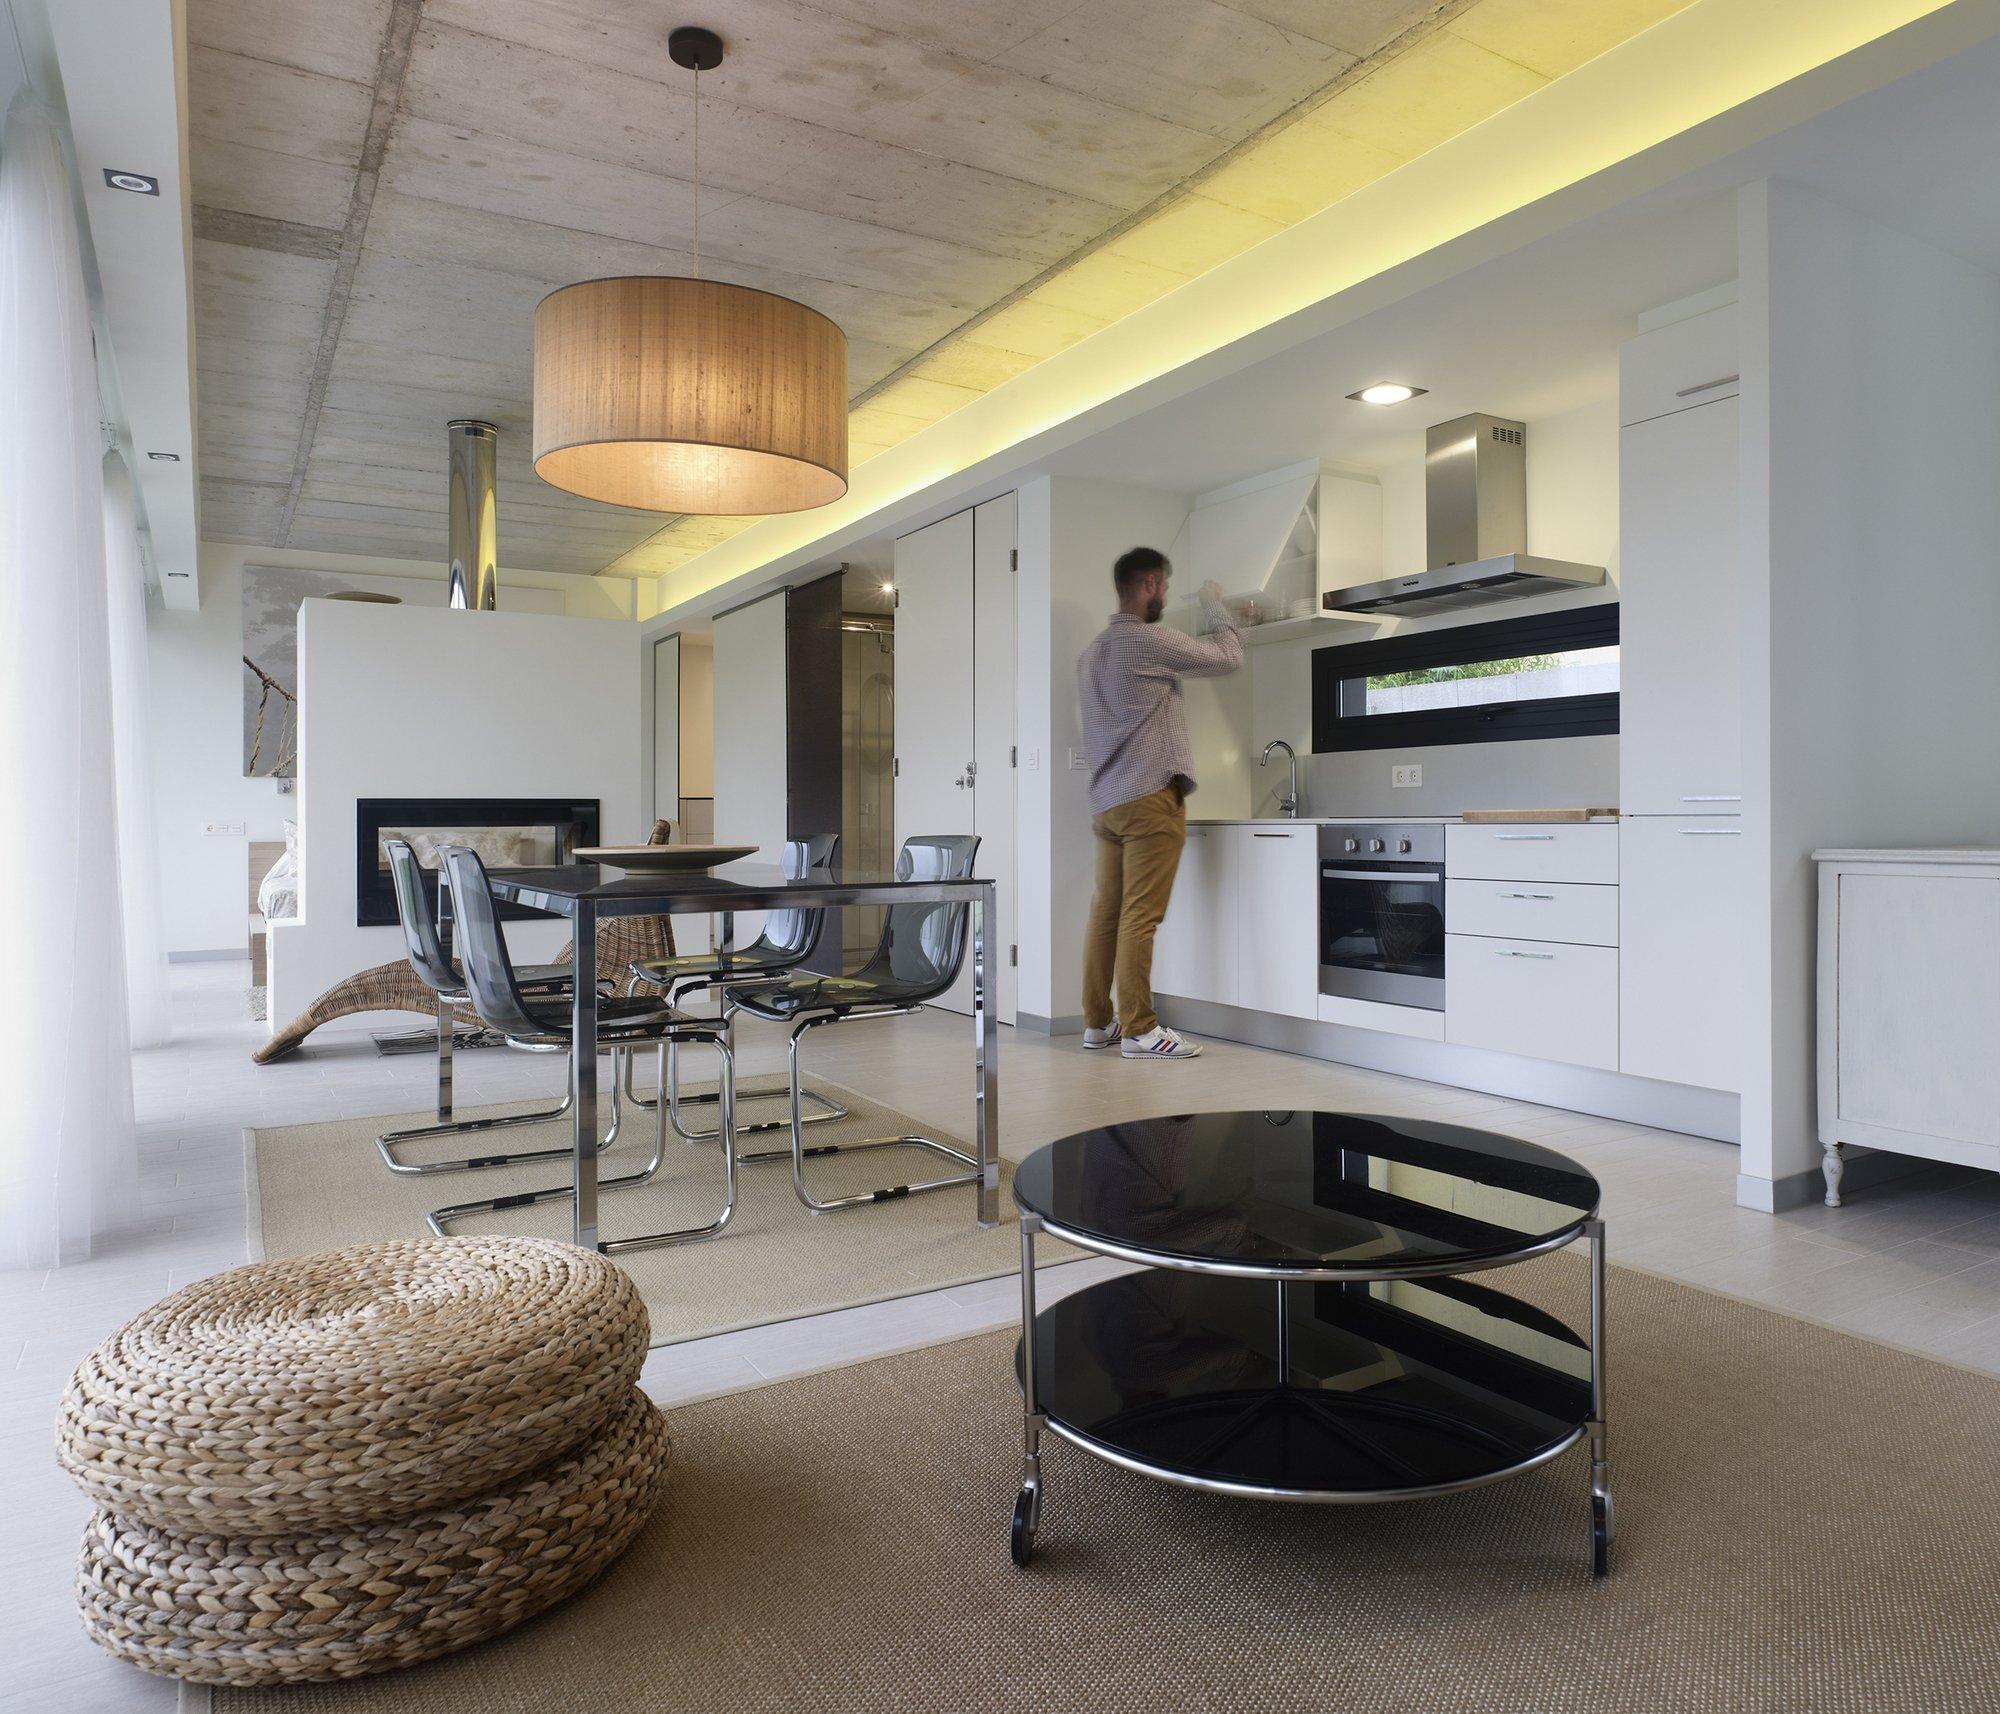 Renovación de Vivienda en Rubianes - Small House - Nan Arquitectos - Spain - Living Area - Humble Homes